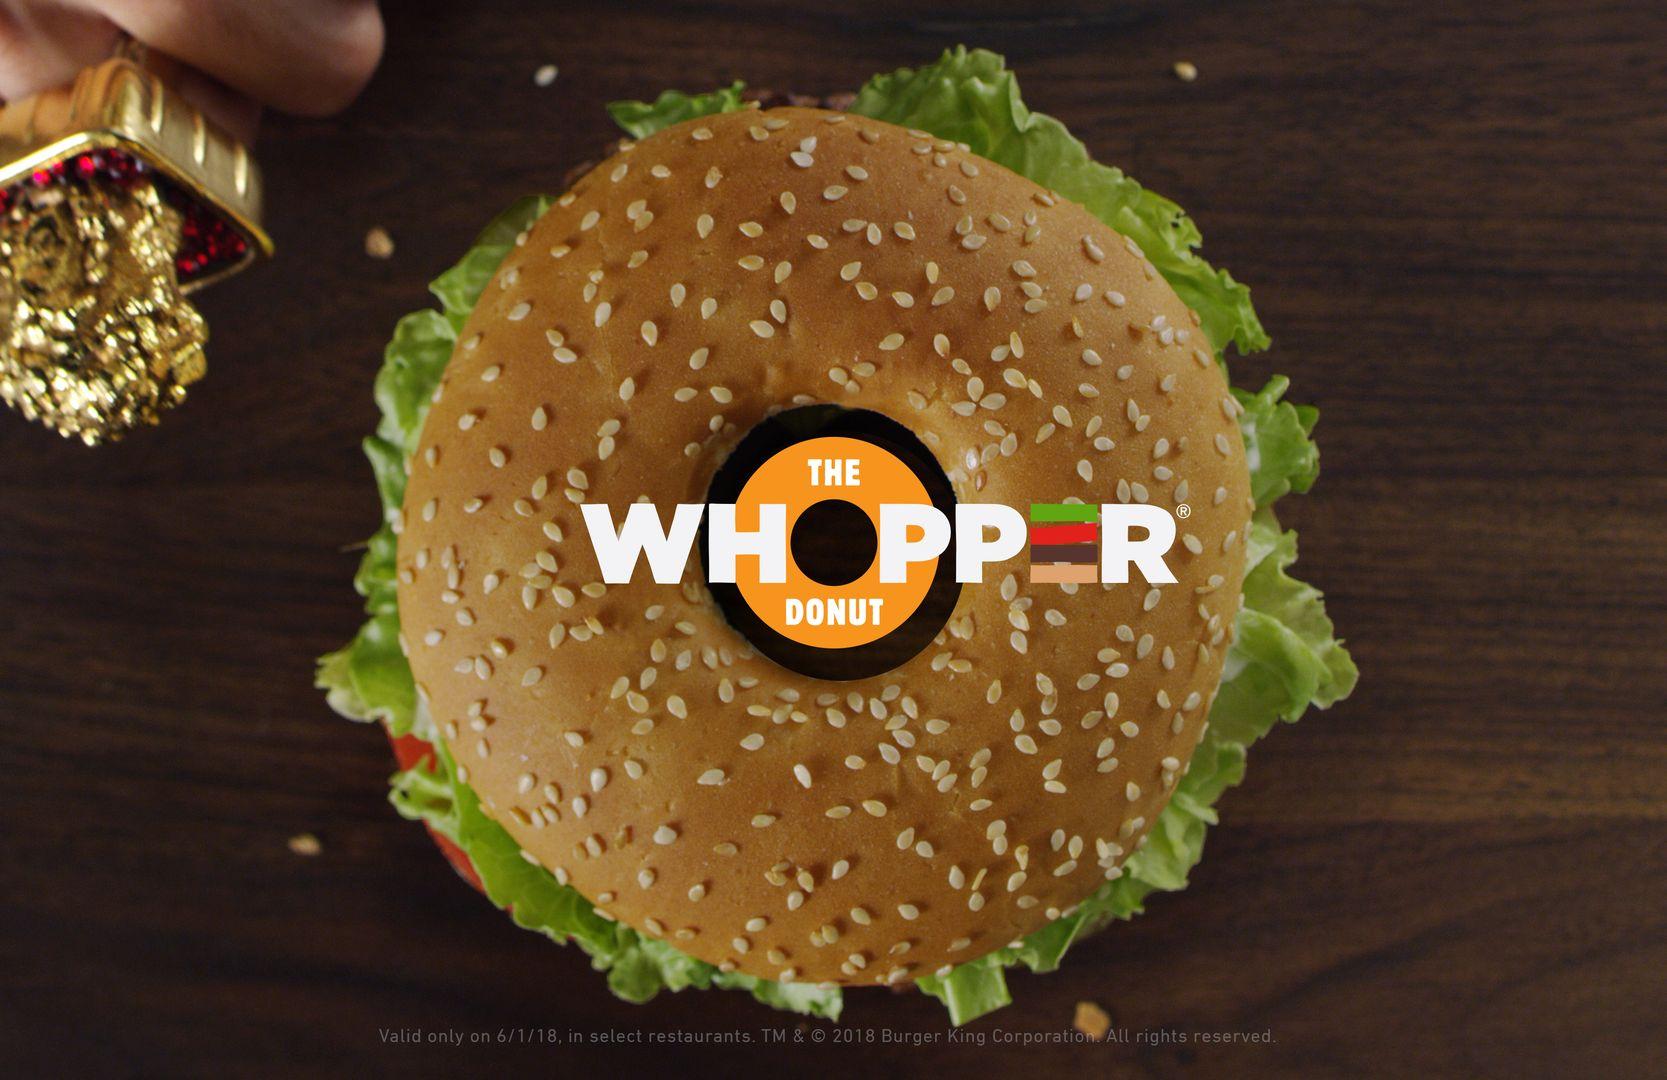 Burger King Whopper Donut